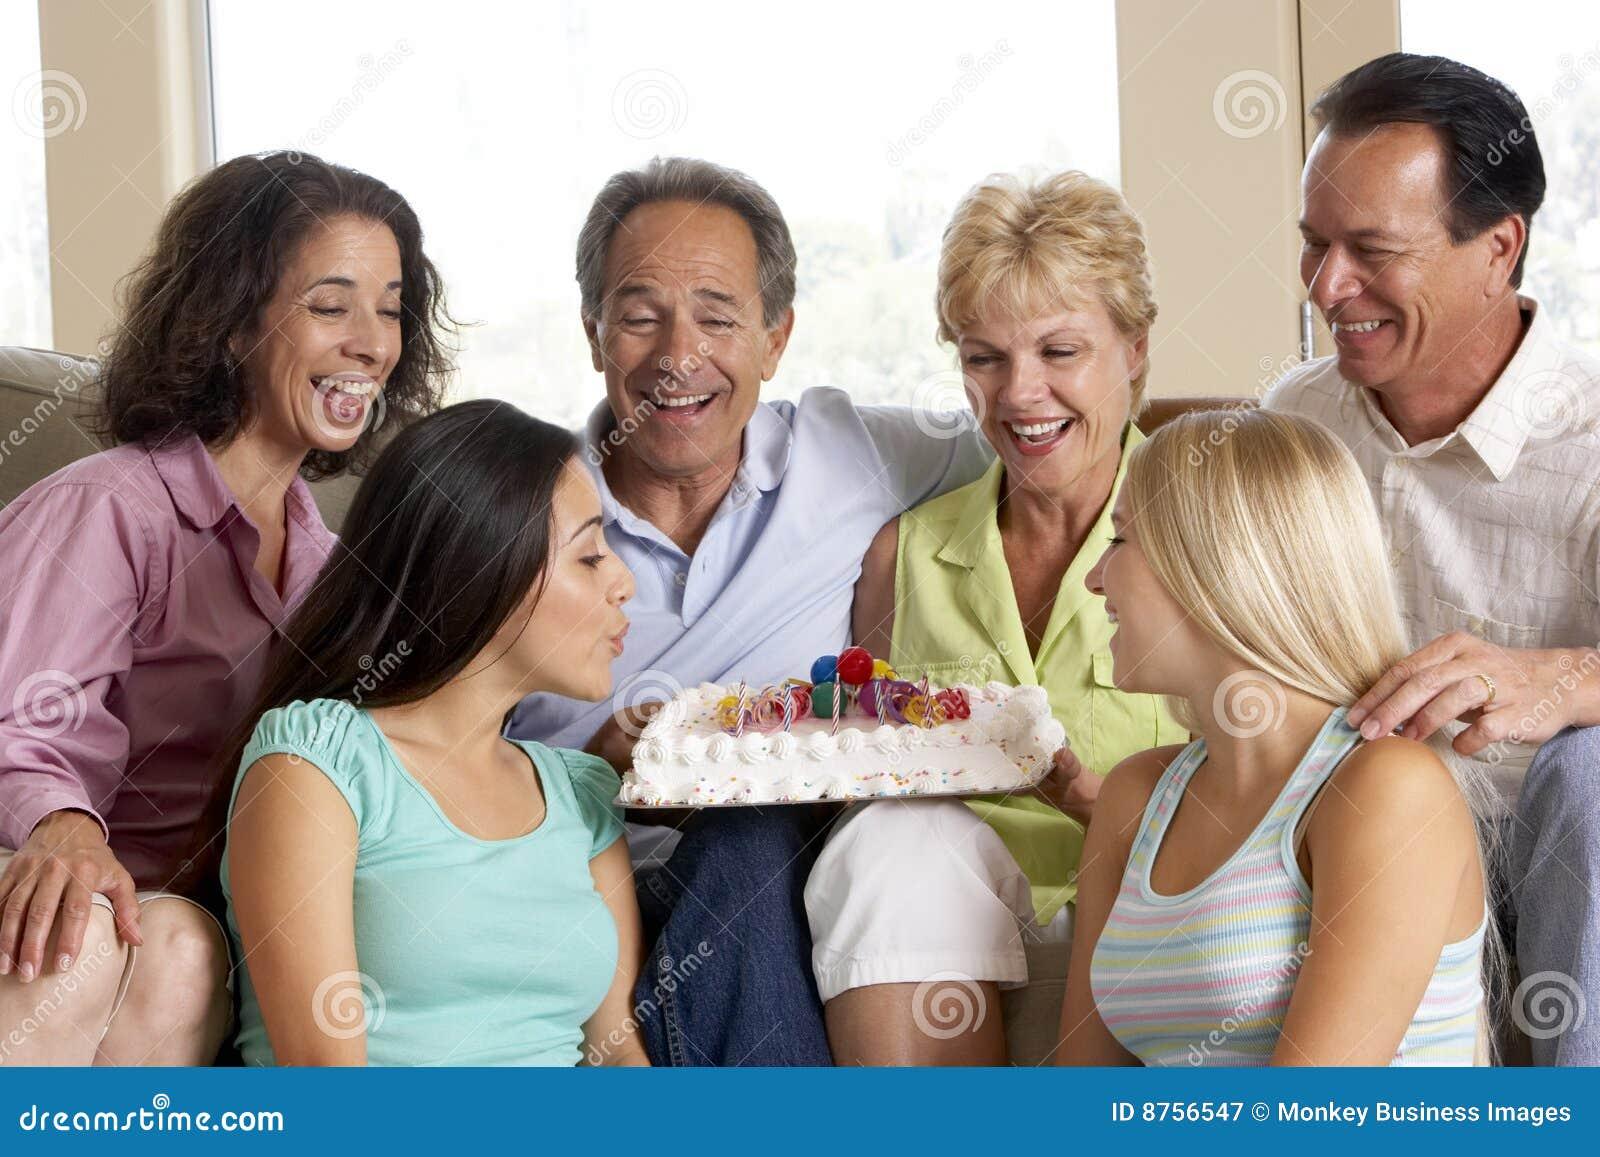 Zwei Familien, die einen Geburtstag feiern